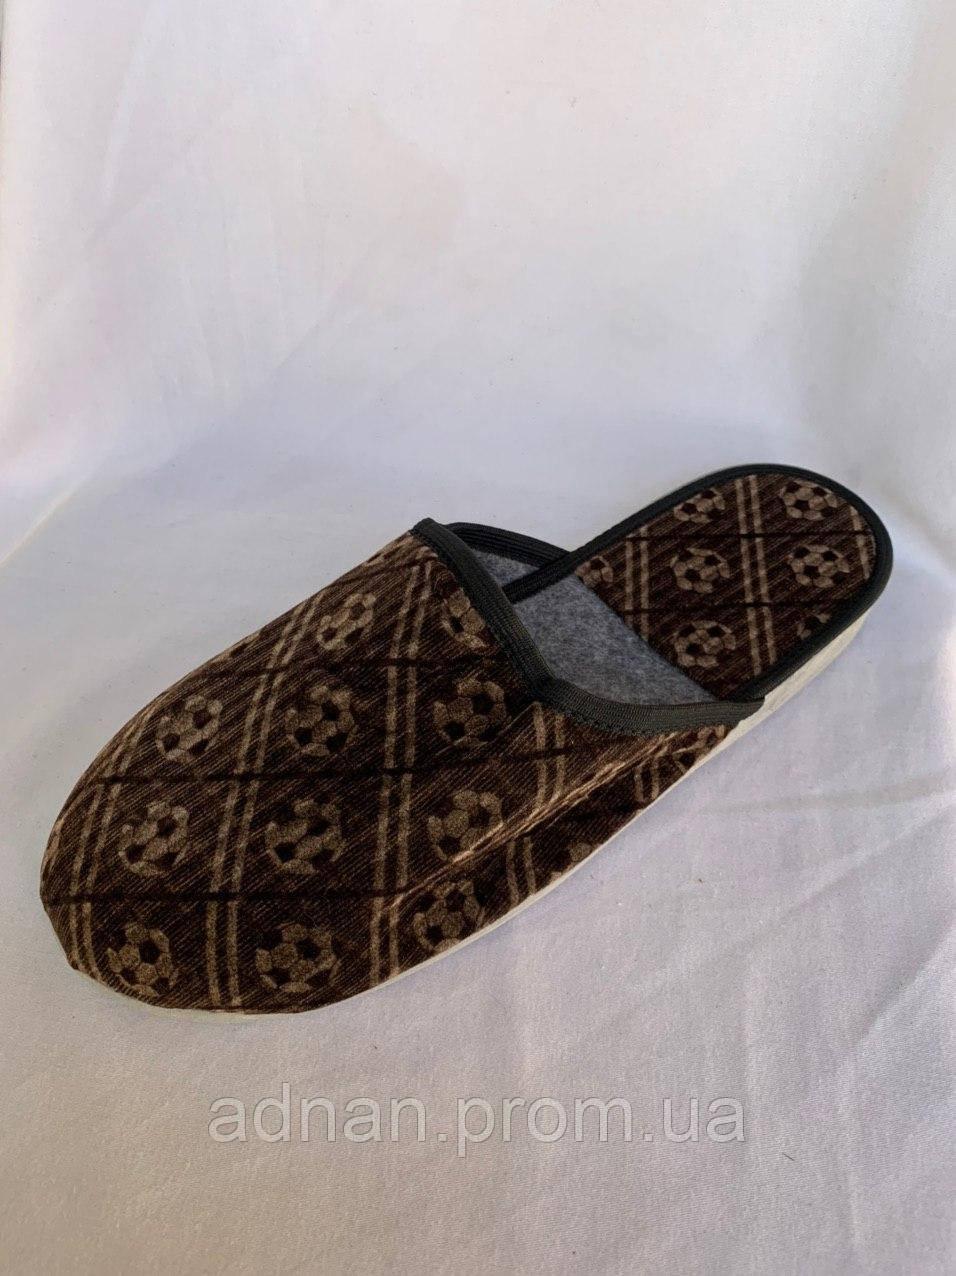 Тапочки мужские, БЕЛСТА, закрытые, 7 пар в упаковке, Украина/ купить тапочки оптом